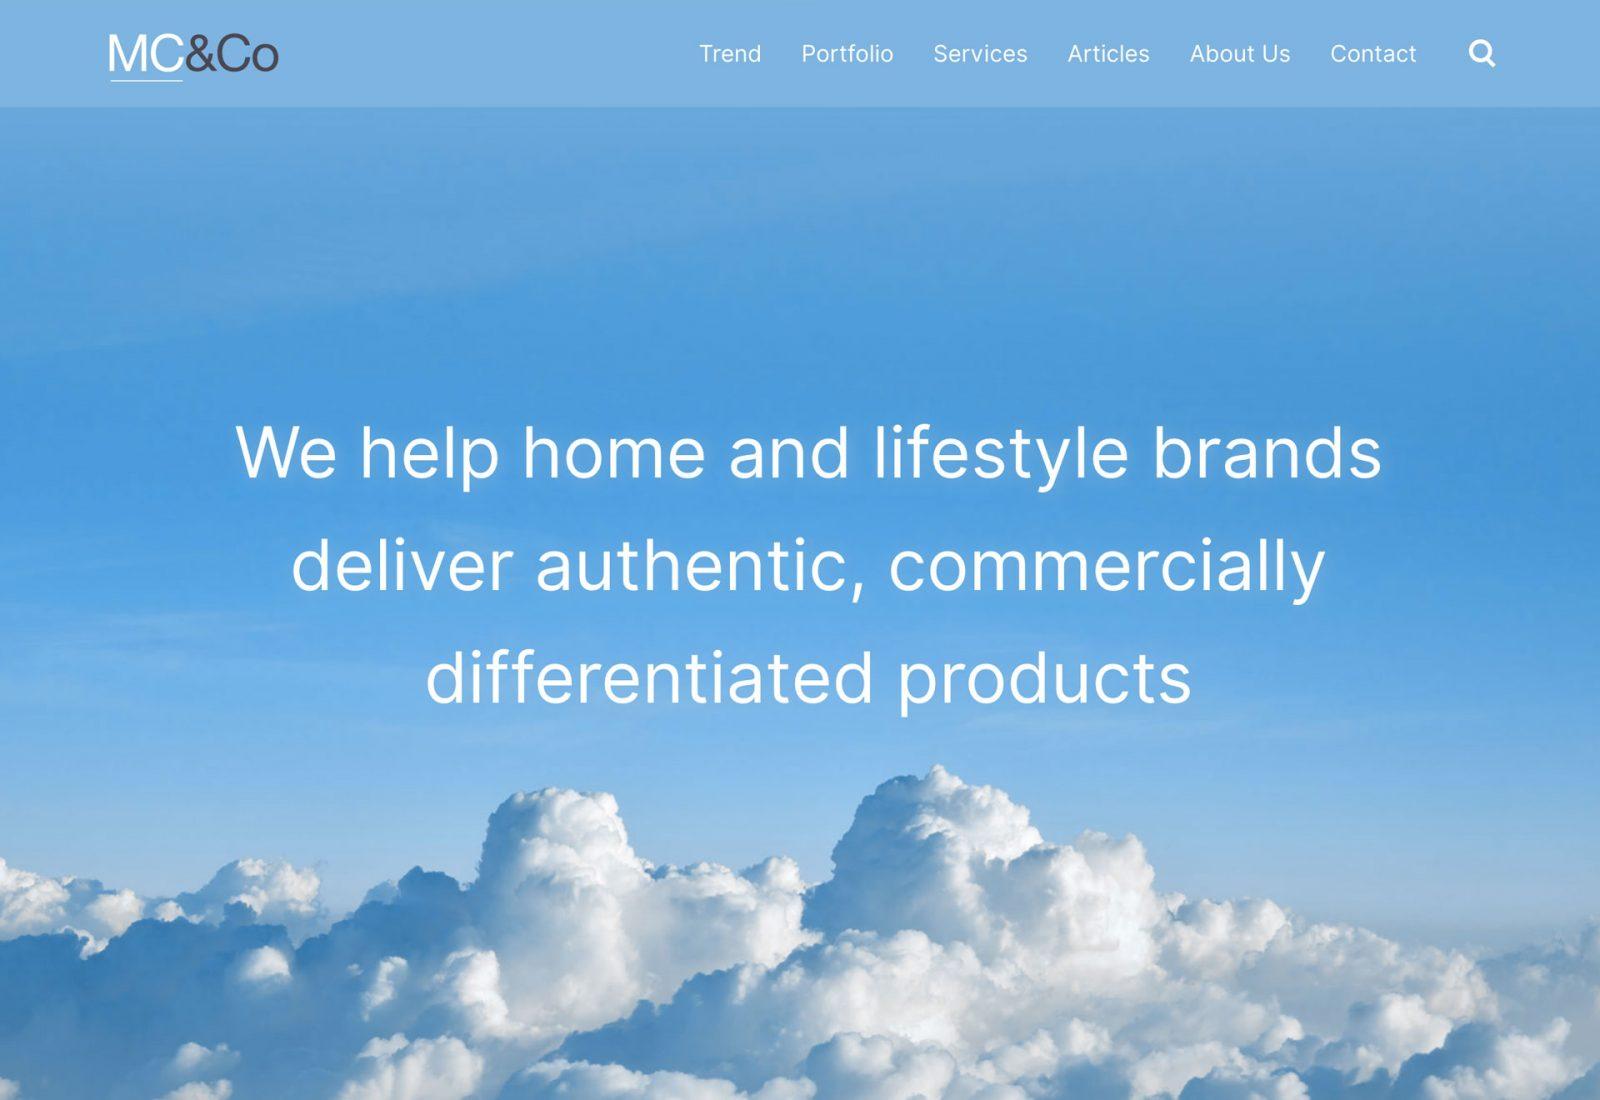 MC&Co home page